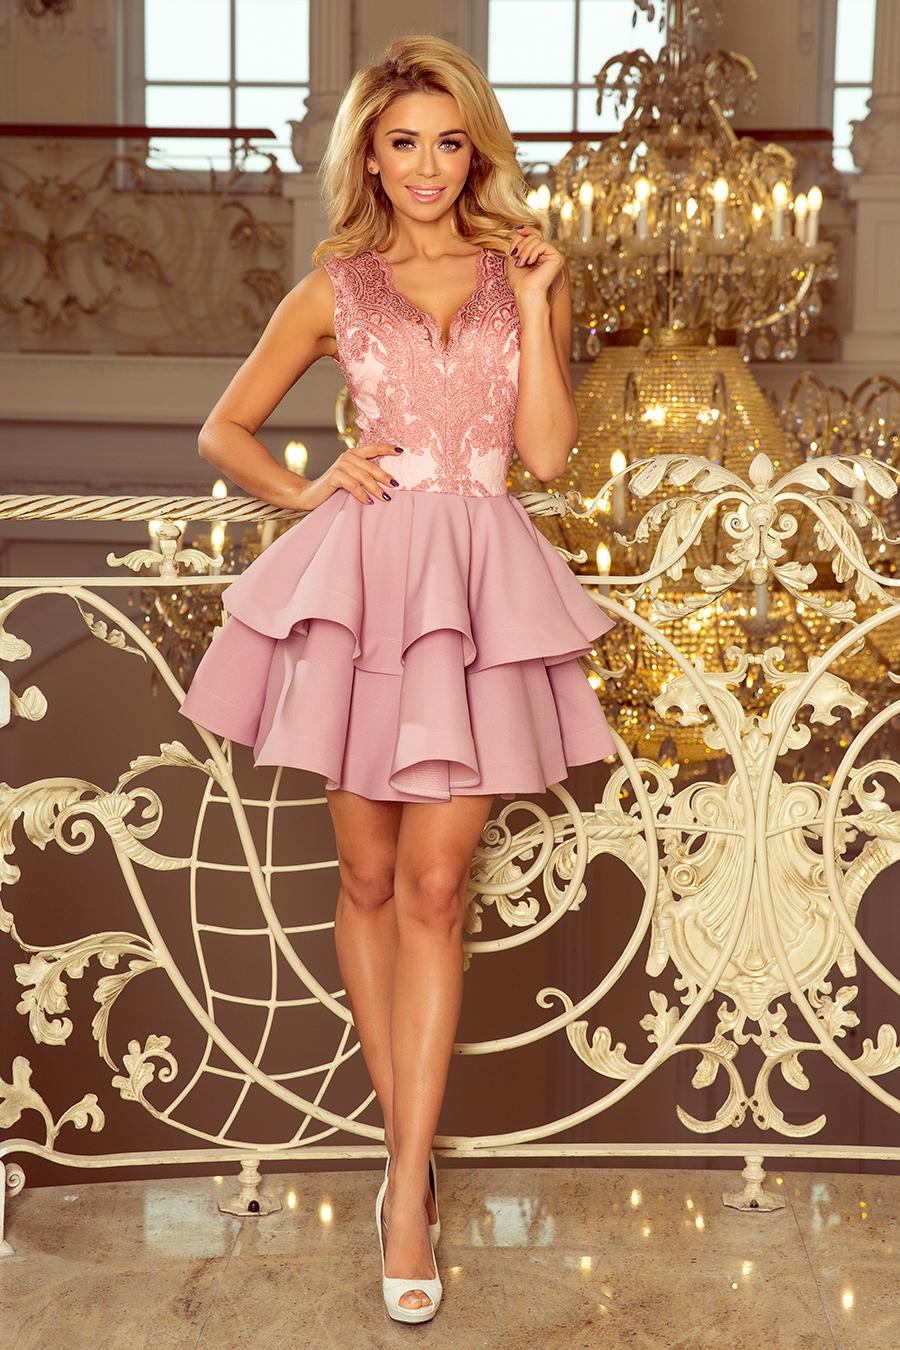 2264a7da49 200-5 CHARLOTTE - ekskluzywna sukienka z koronkowym dekoltem - PUDROWY RÓŻ